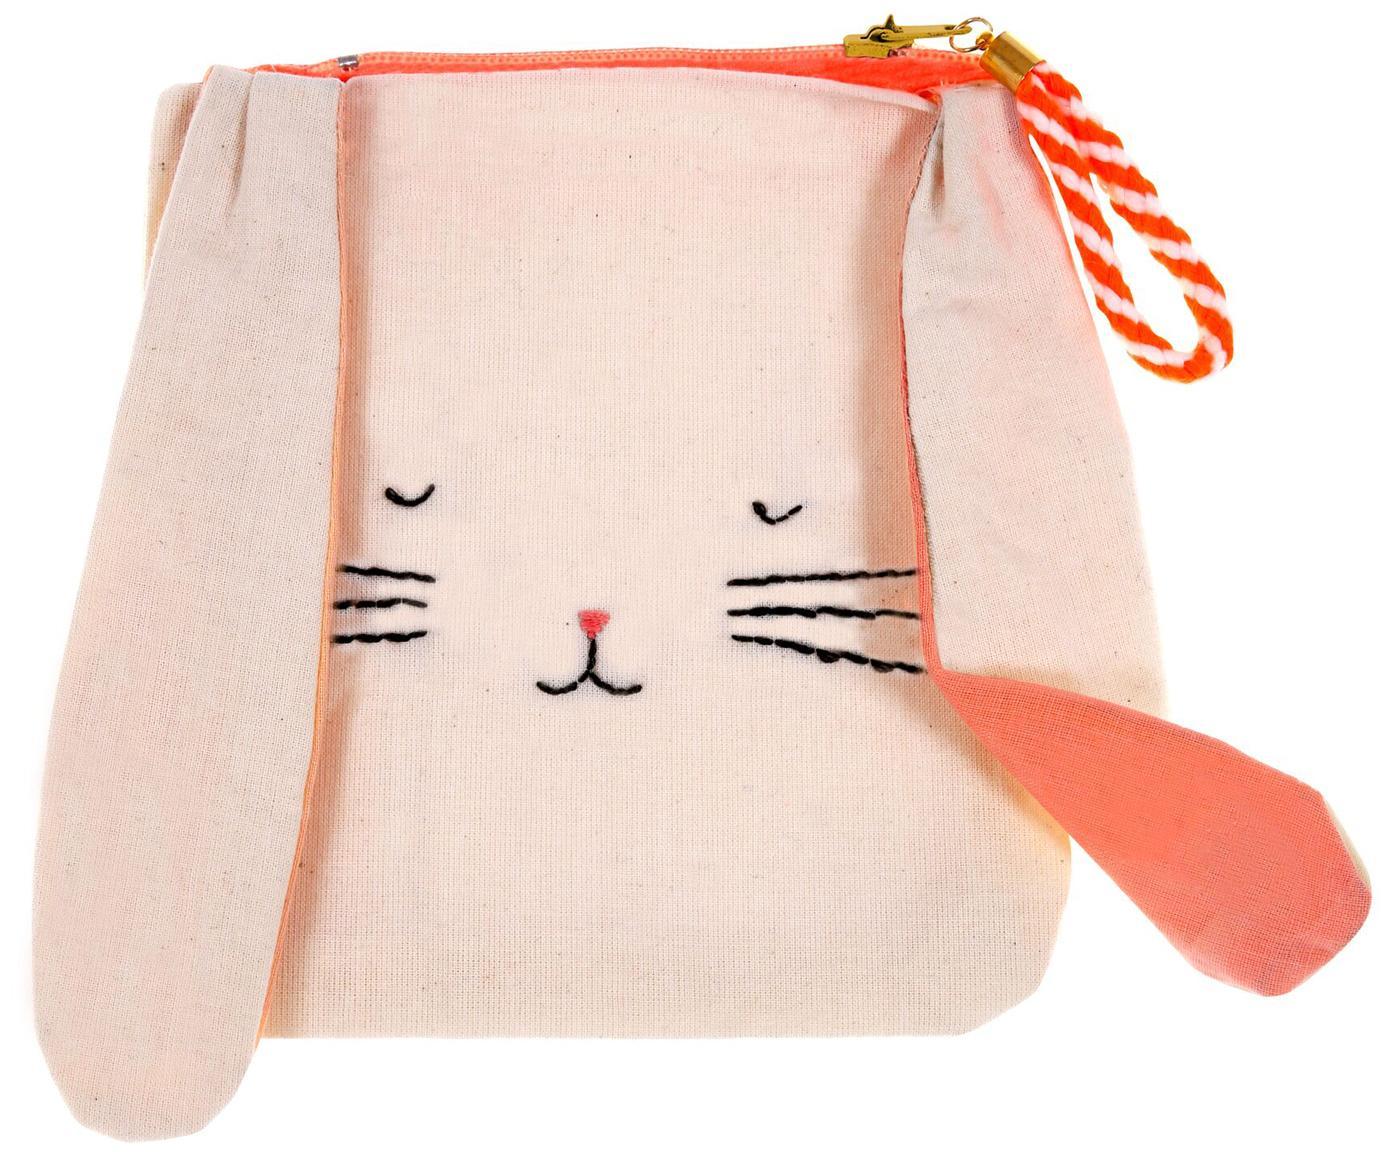 Torebka dla dzieci Bunny, Len, Beżowy, pomarańczowy, czarny, S 13 x W 15 cm